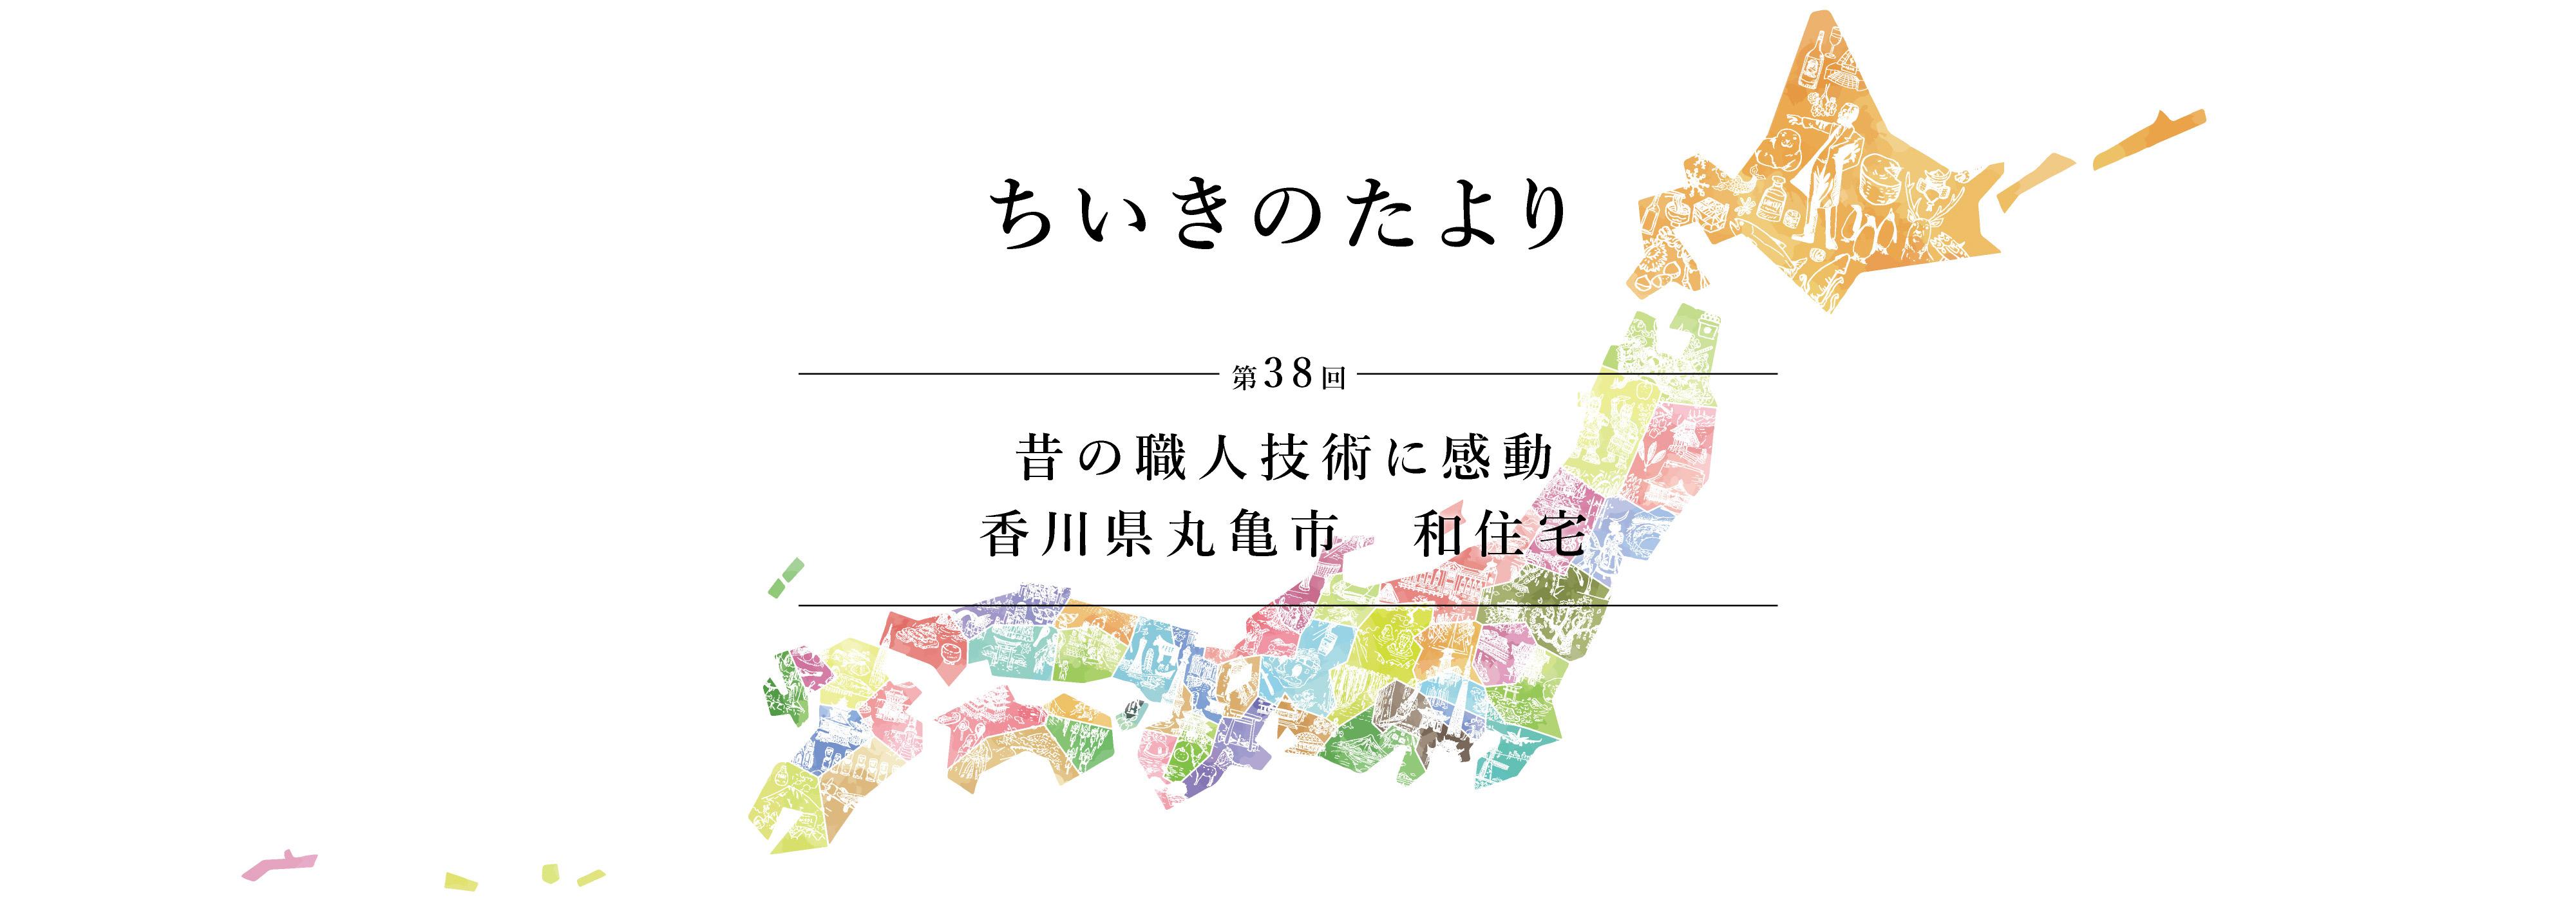 ちいきのたより第38回昔の職人技術に感動香川県丸亀市和住宅